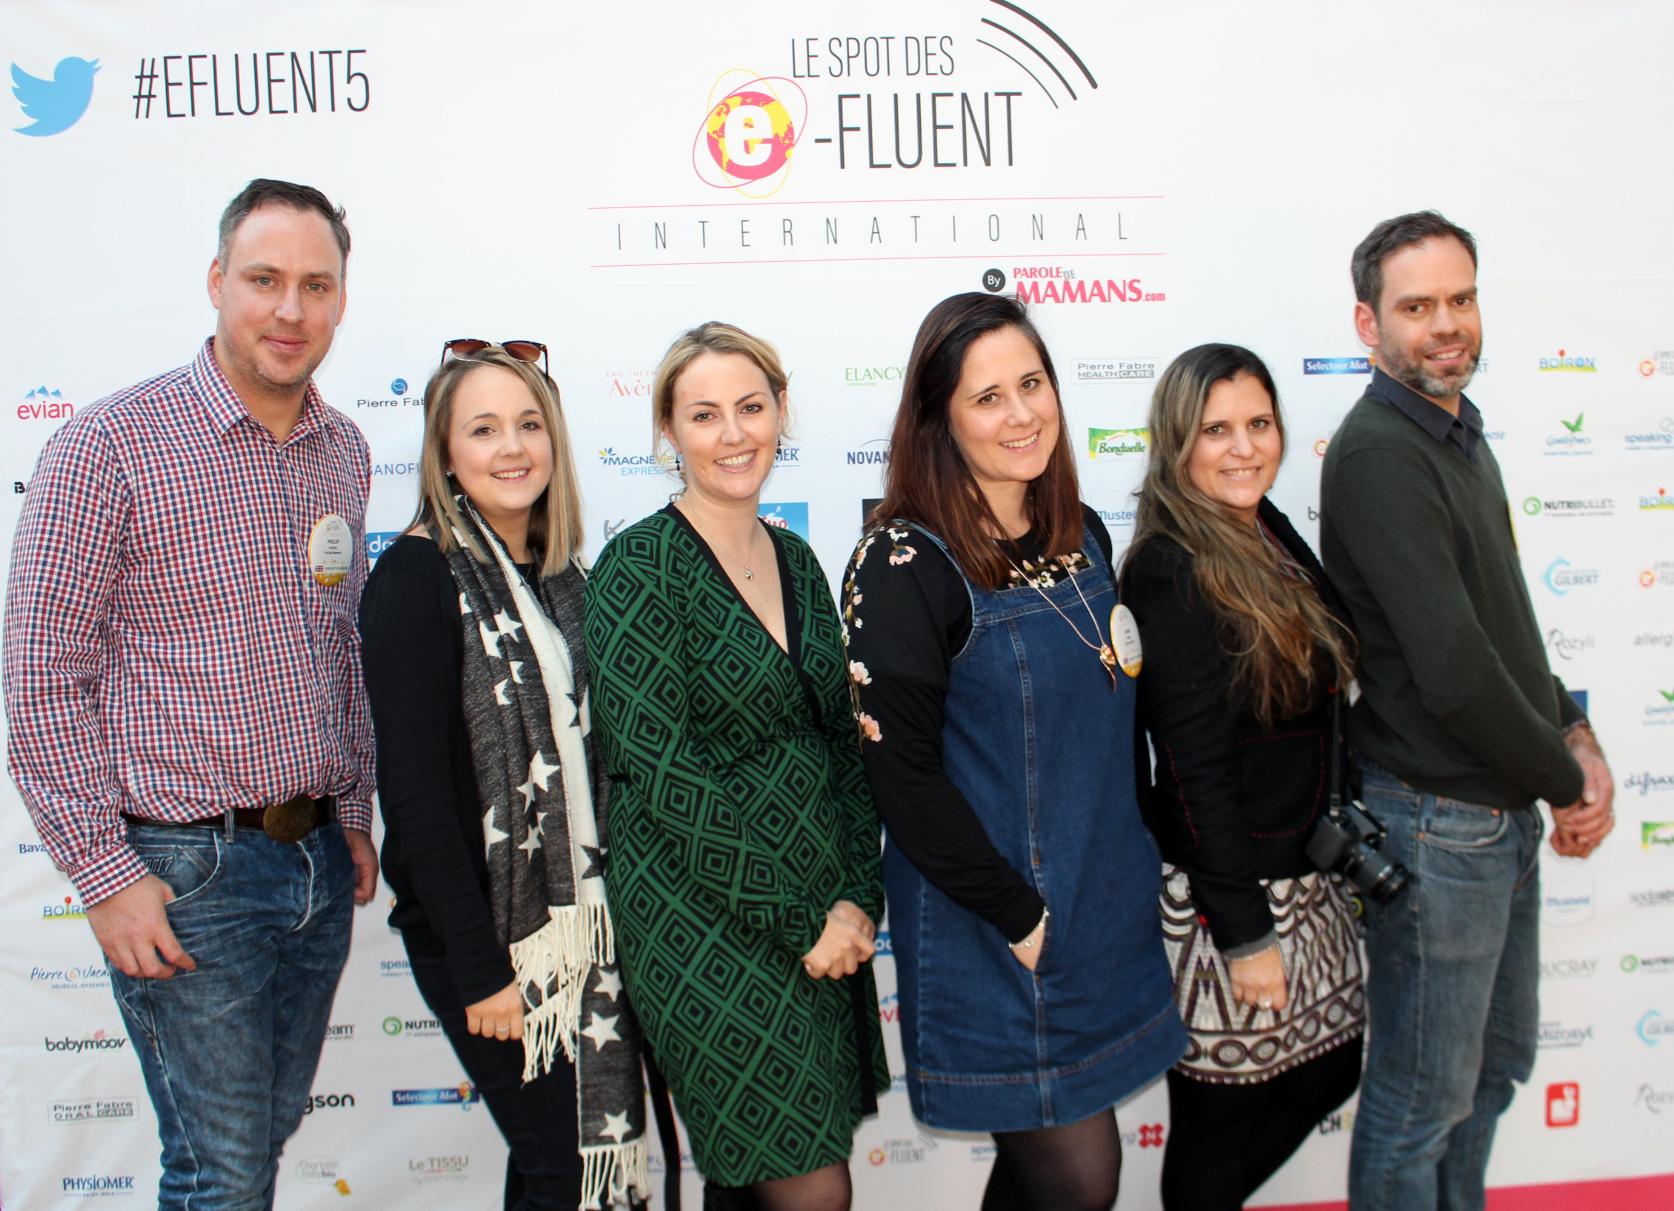 E-fluent, #efluent5, Paris, Amomentwithfranca.com, myfussyeater.com, whingewhingewine.co.uk, mummyburgess.co.uk, coporatedad.co.uk